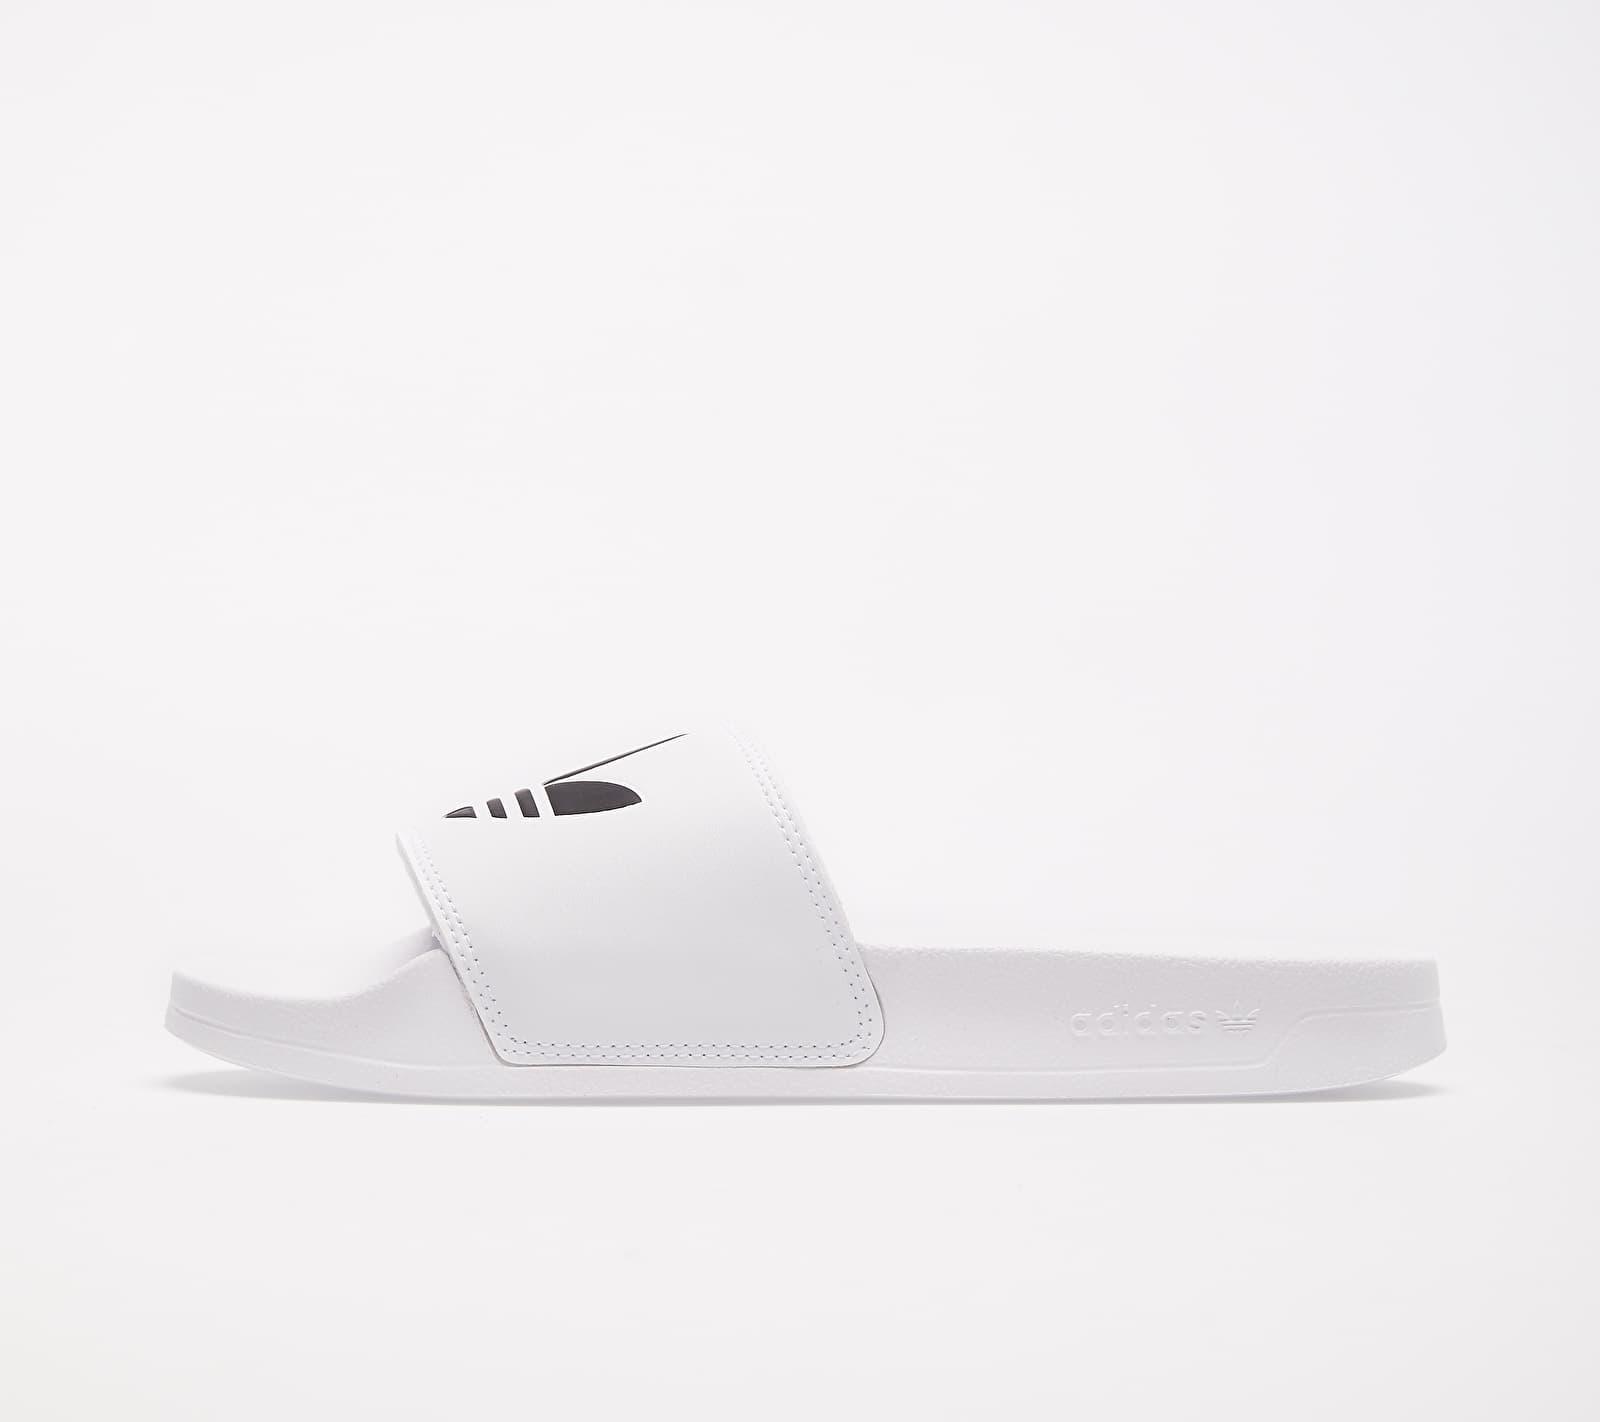 adidas Adilette Lite Ftwr White/ Core Black/ Ftwr White EUR 40.5